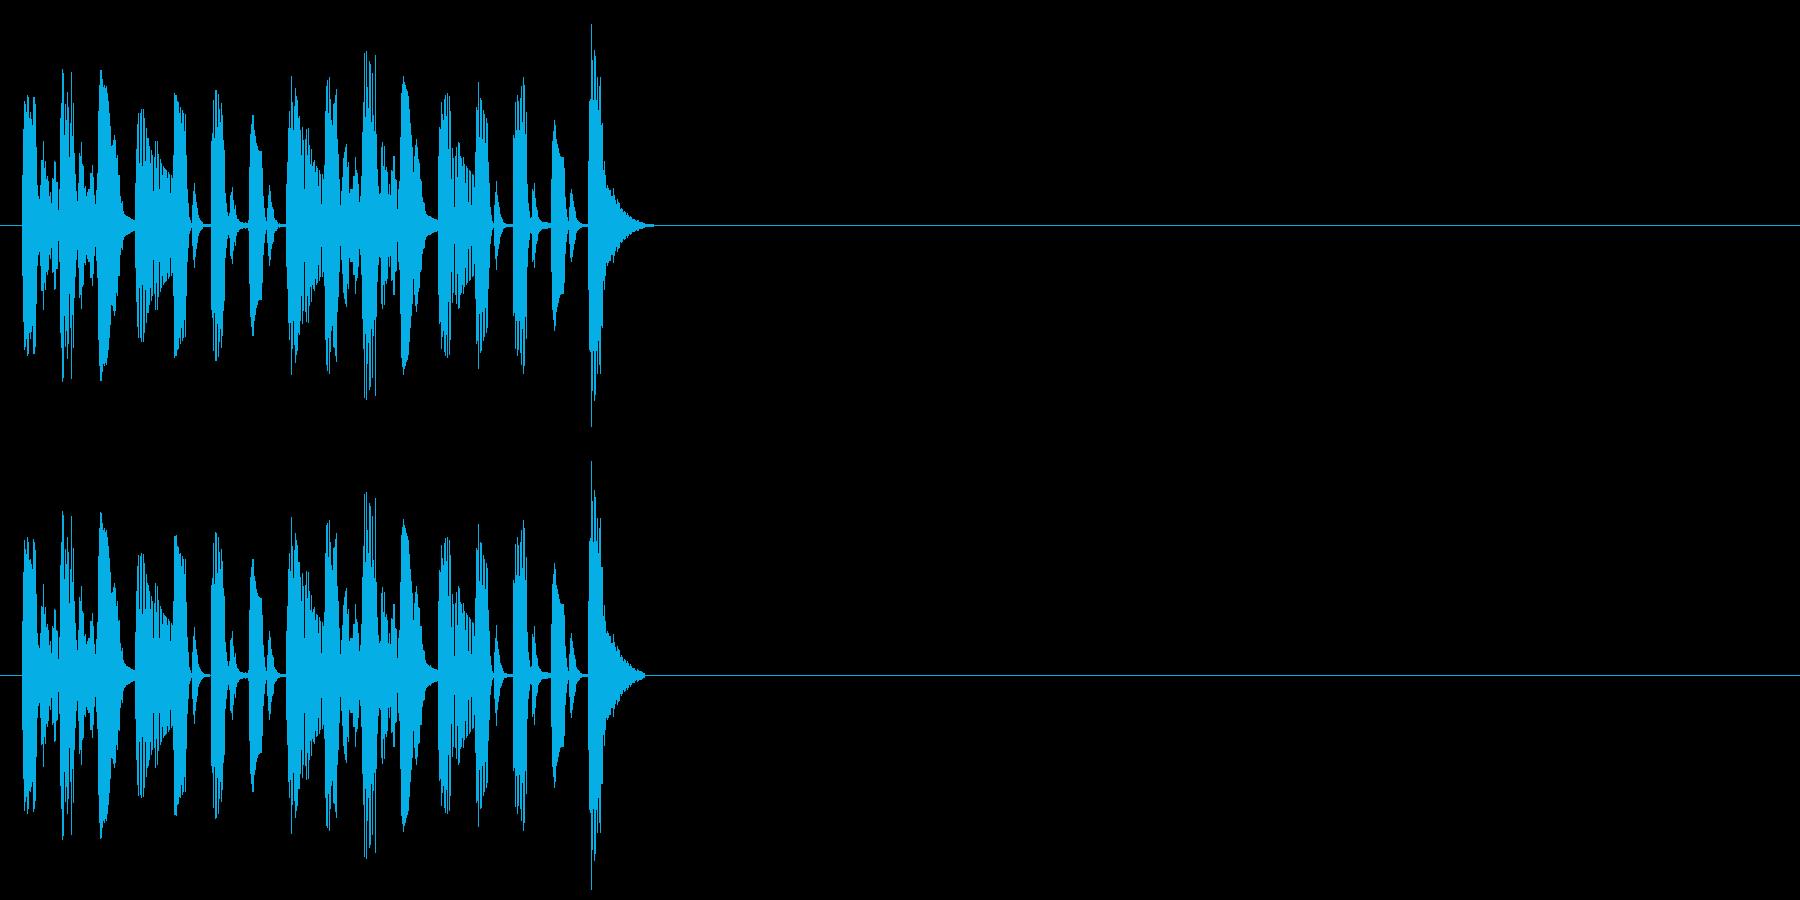 科学 機械 コミカル クイズ 不思議の再生済みの波形